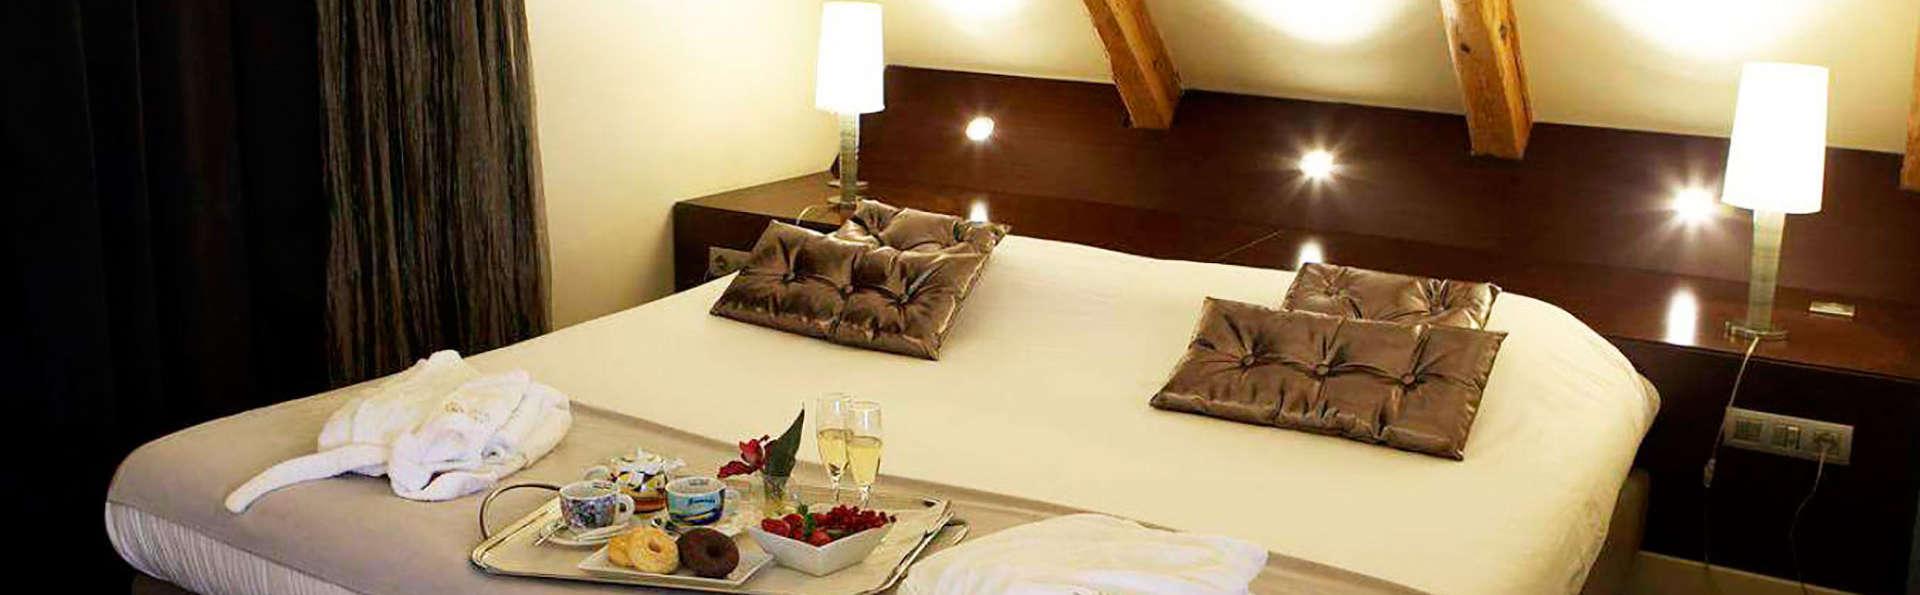 Romanticismo, lujo y encanto con acceso a la zona relax en un hotel exclusivo en Solsona